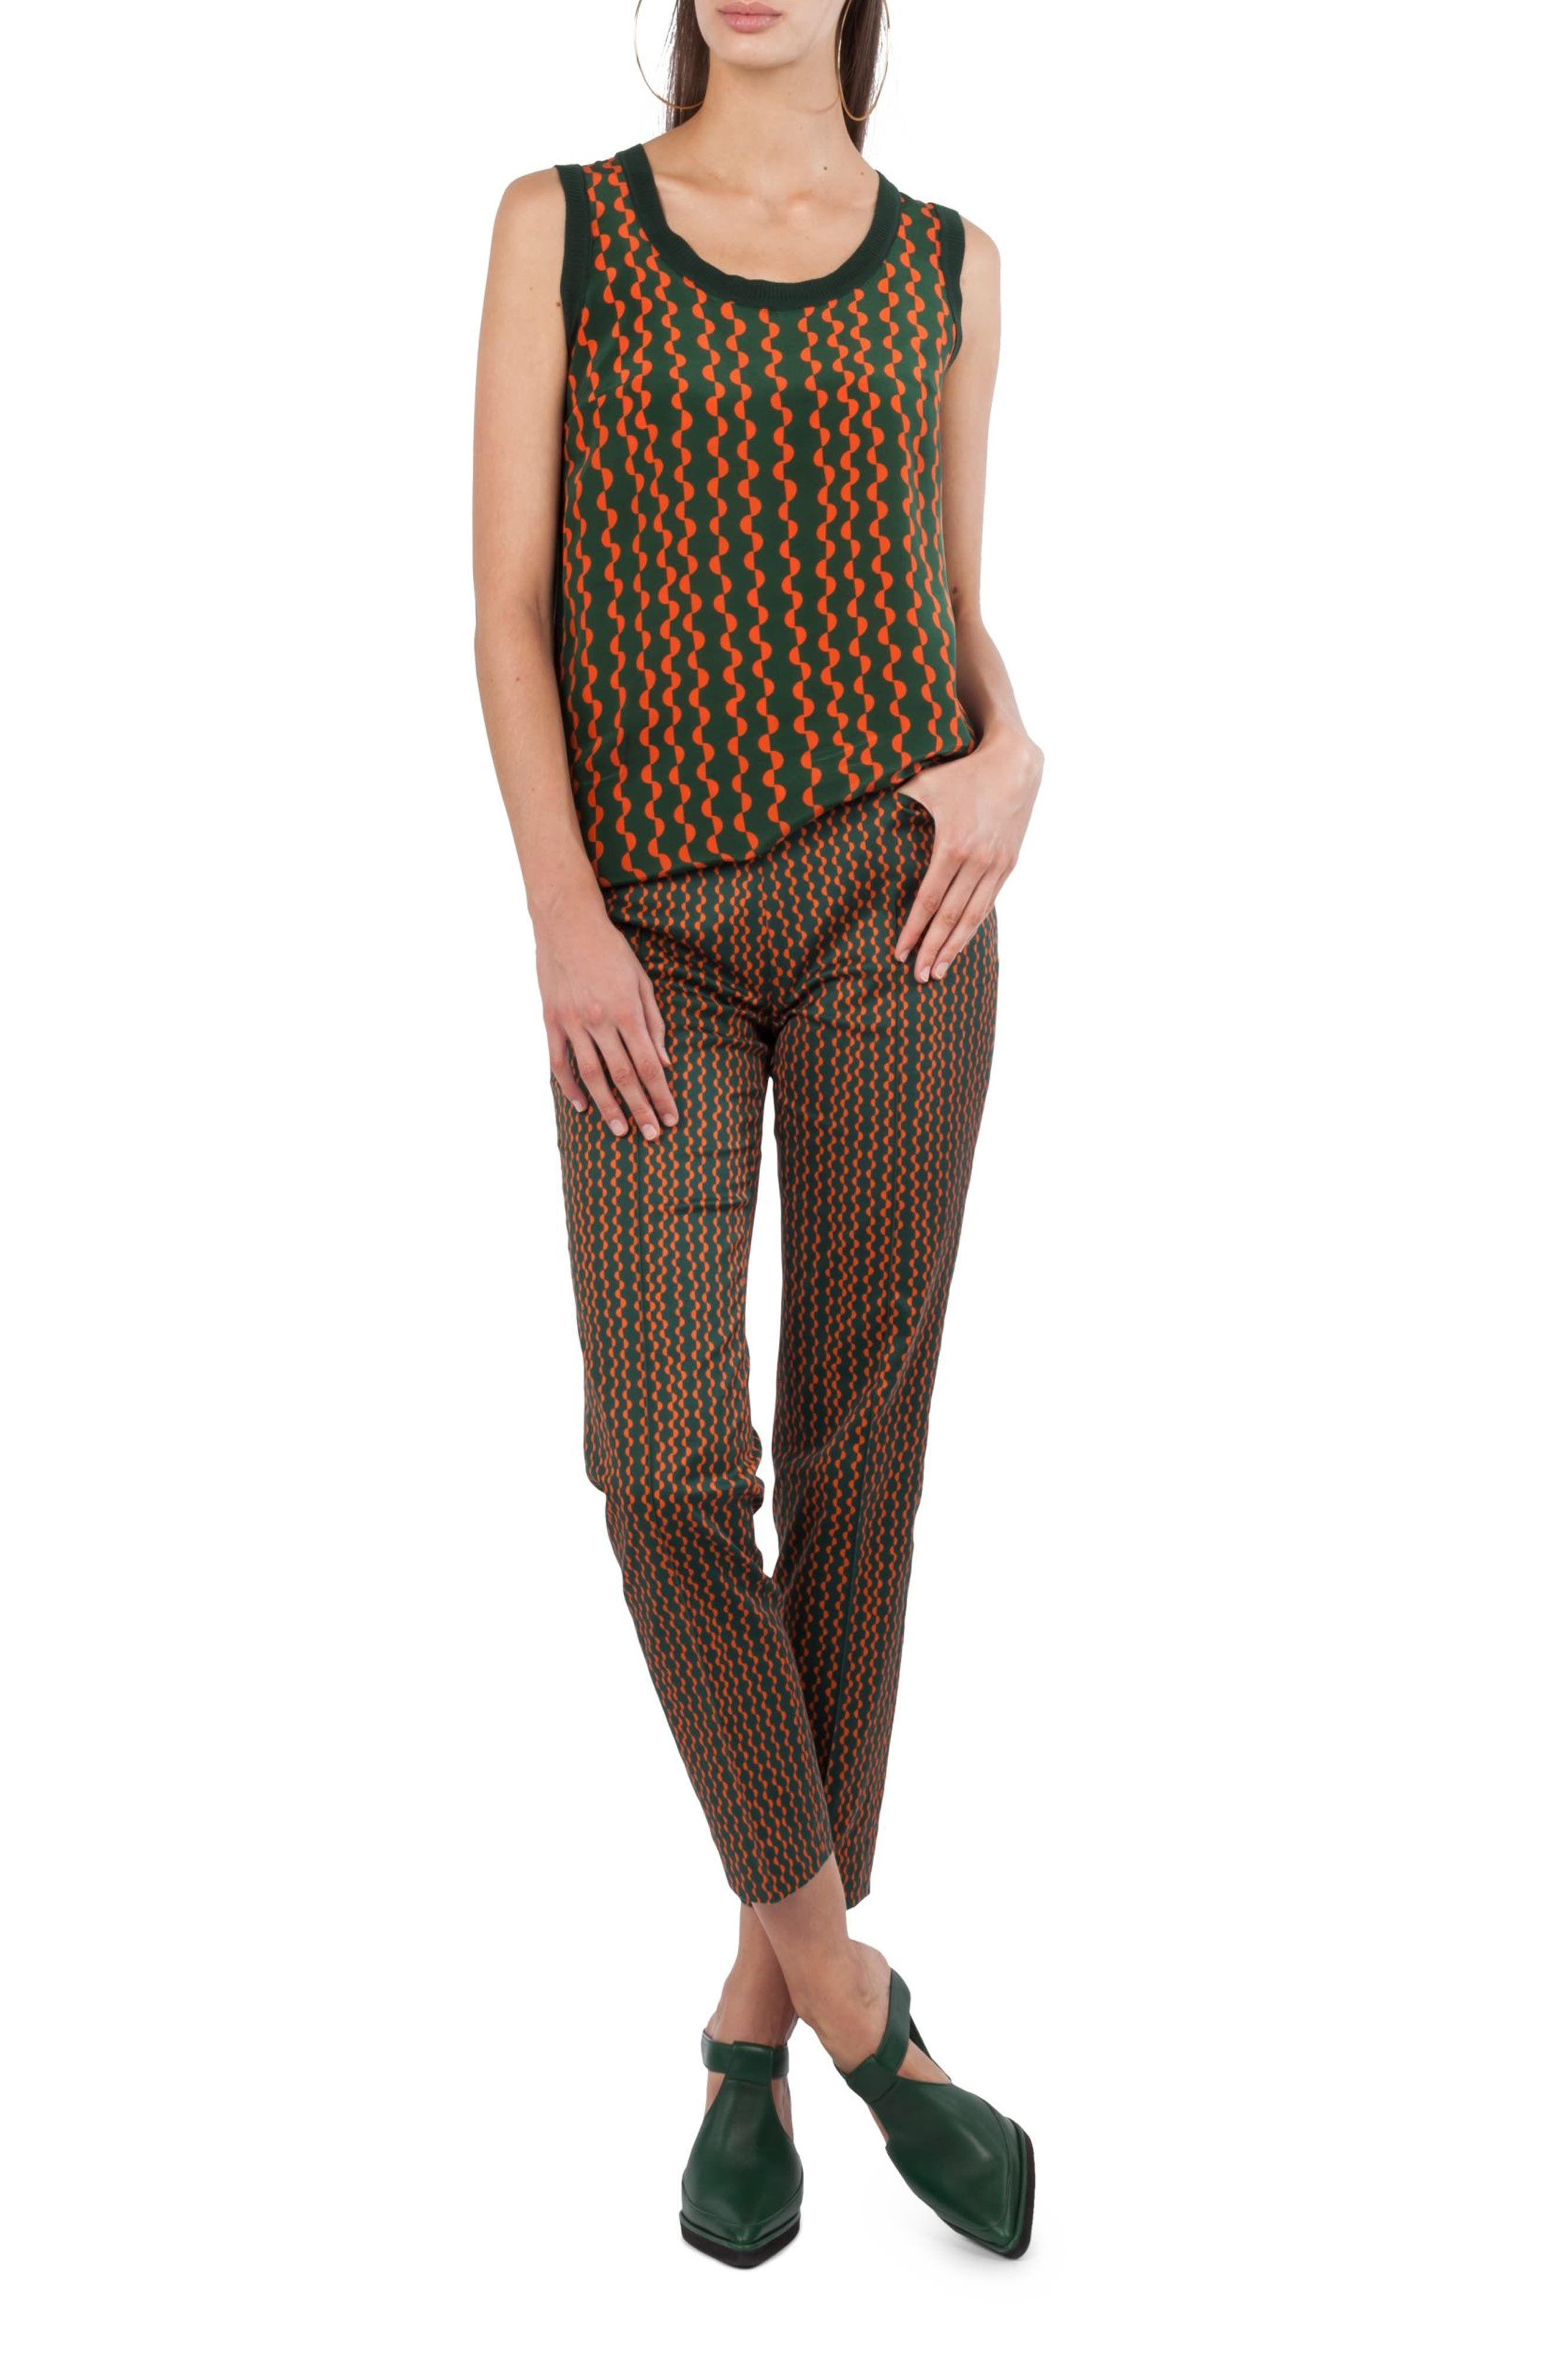 Franca Print Pants,                         Main,                         color, Palm Leaf / Papaya